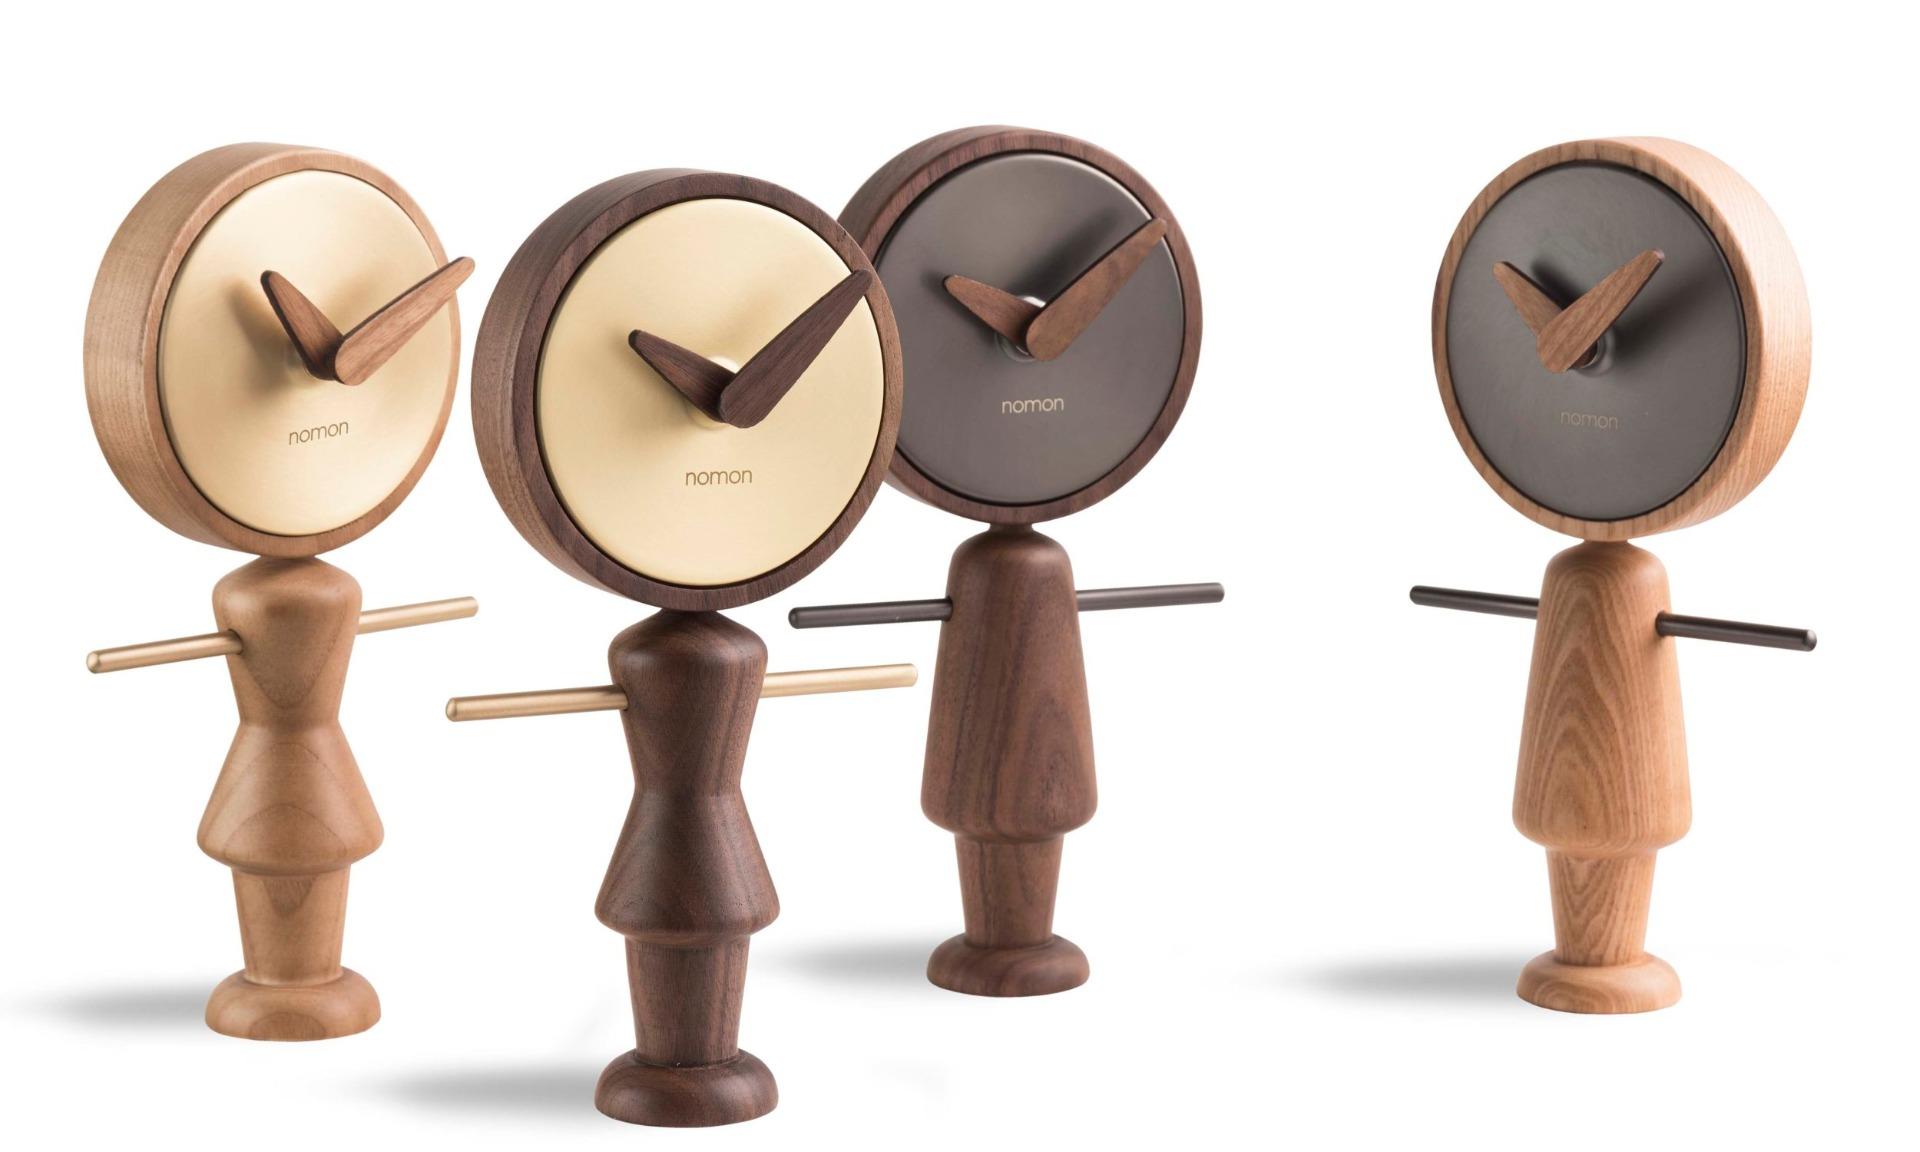 Orologi da tavolo design nomon, CMC Arredamenti La Torre